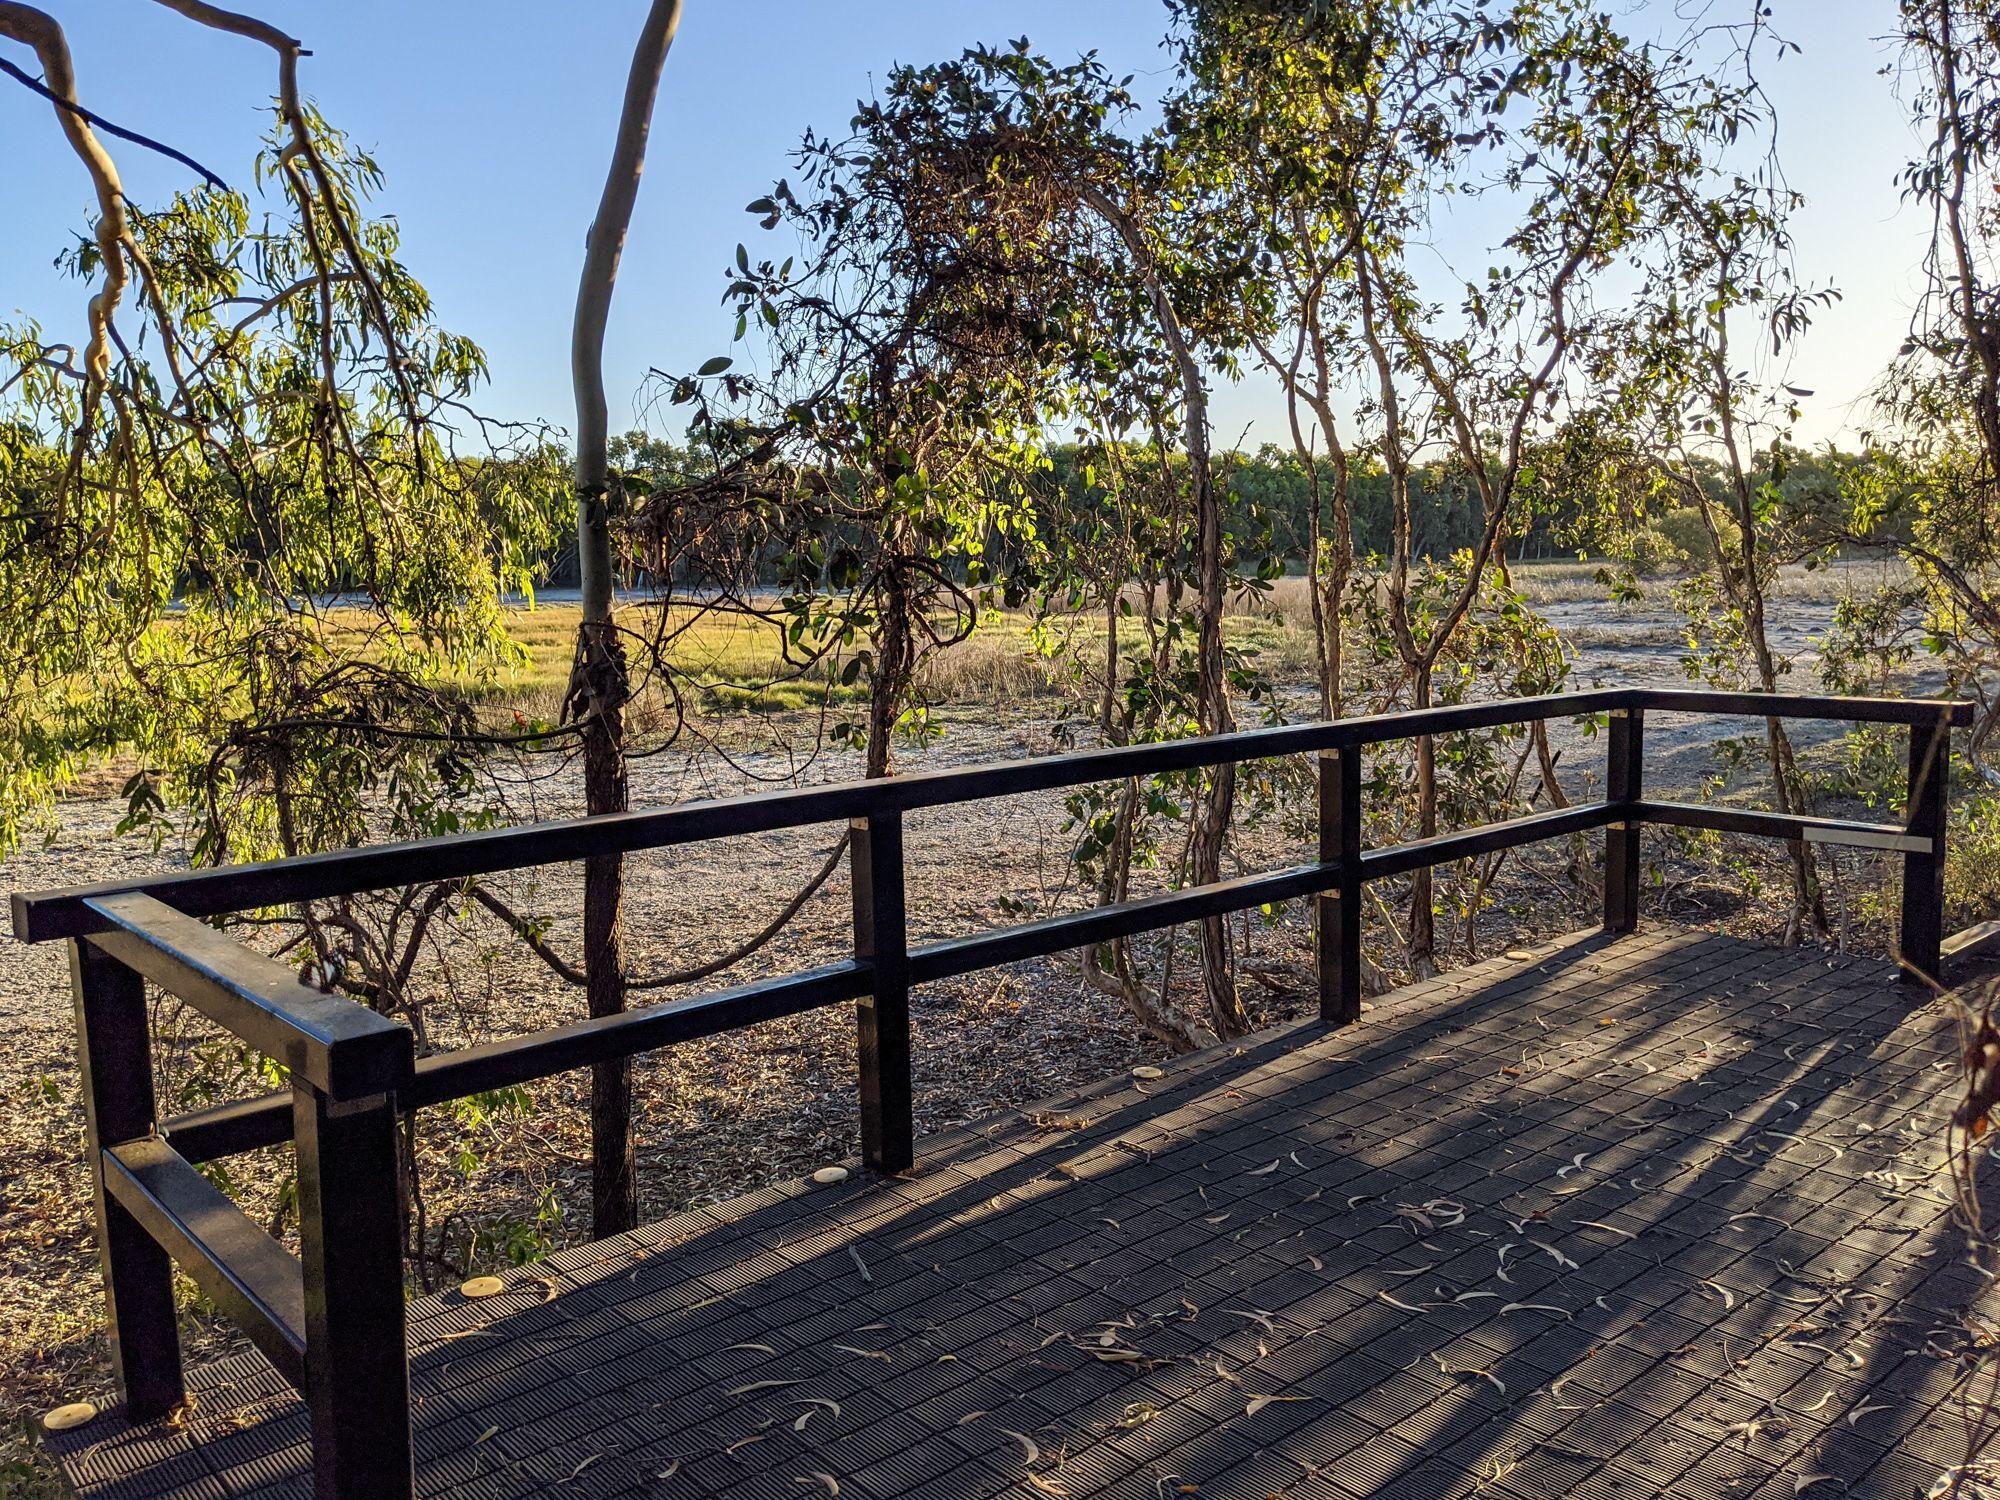 rowes bay wetlands viewing platform